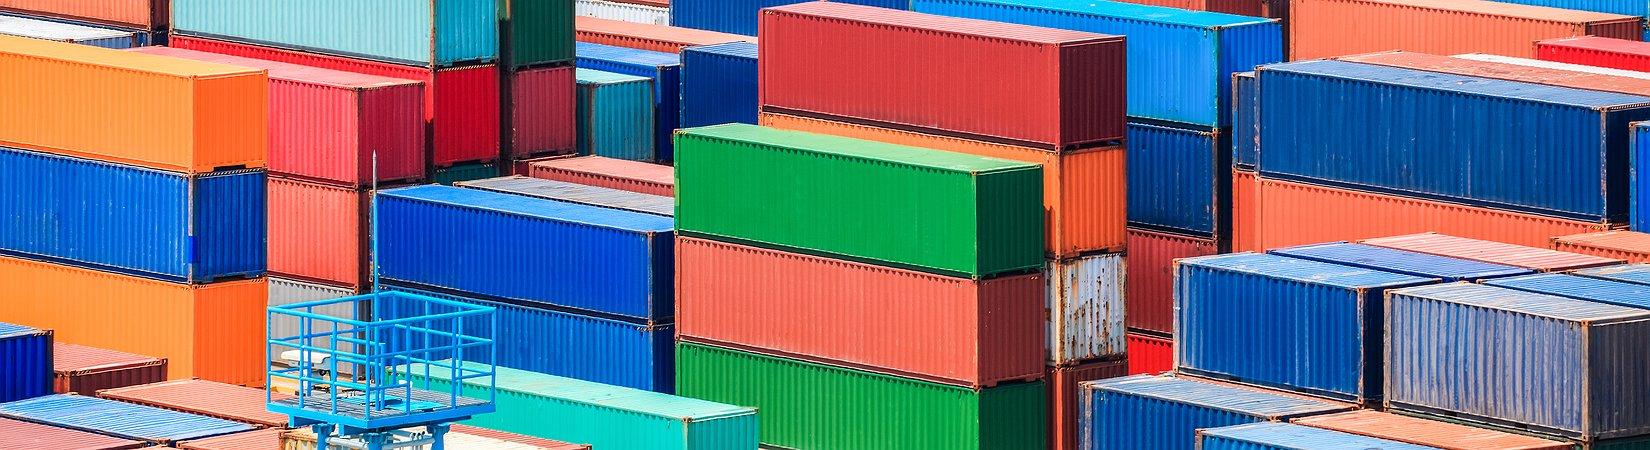 Comércio entre a China e países lusófonos caiu em 2016